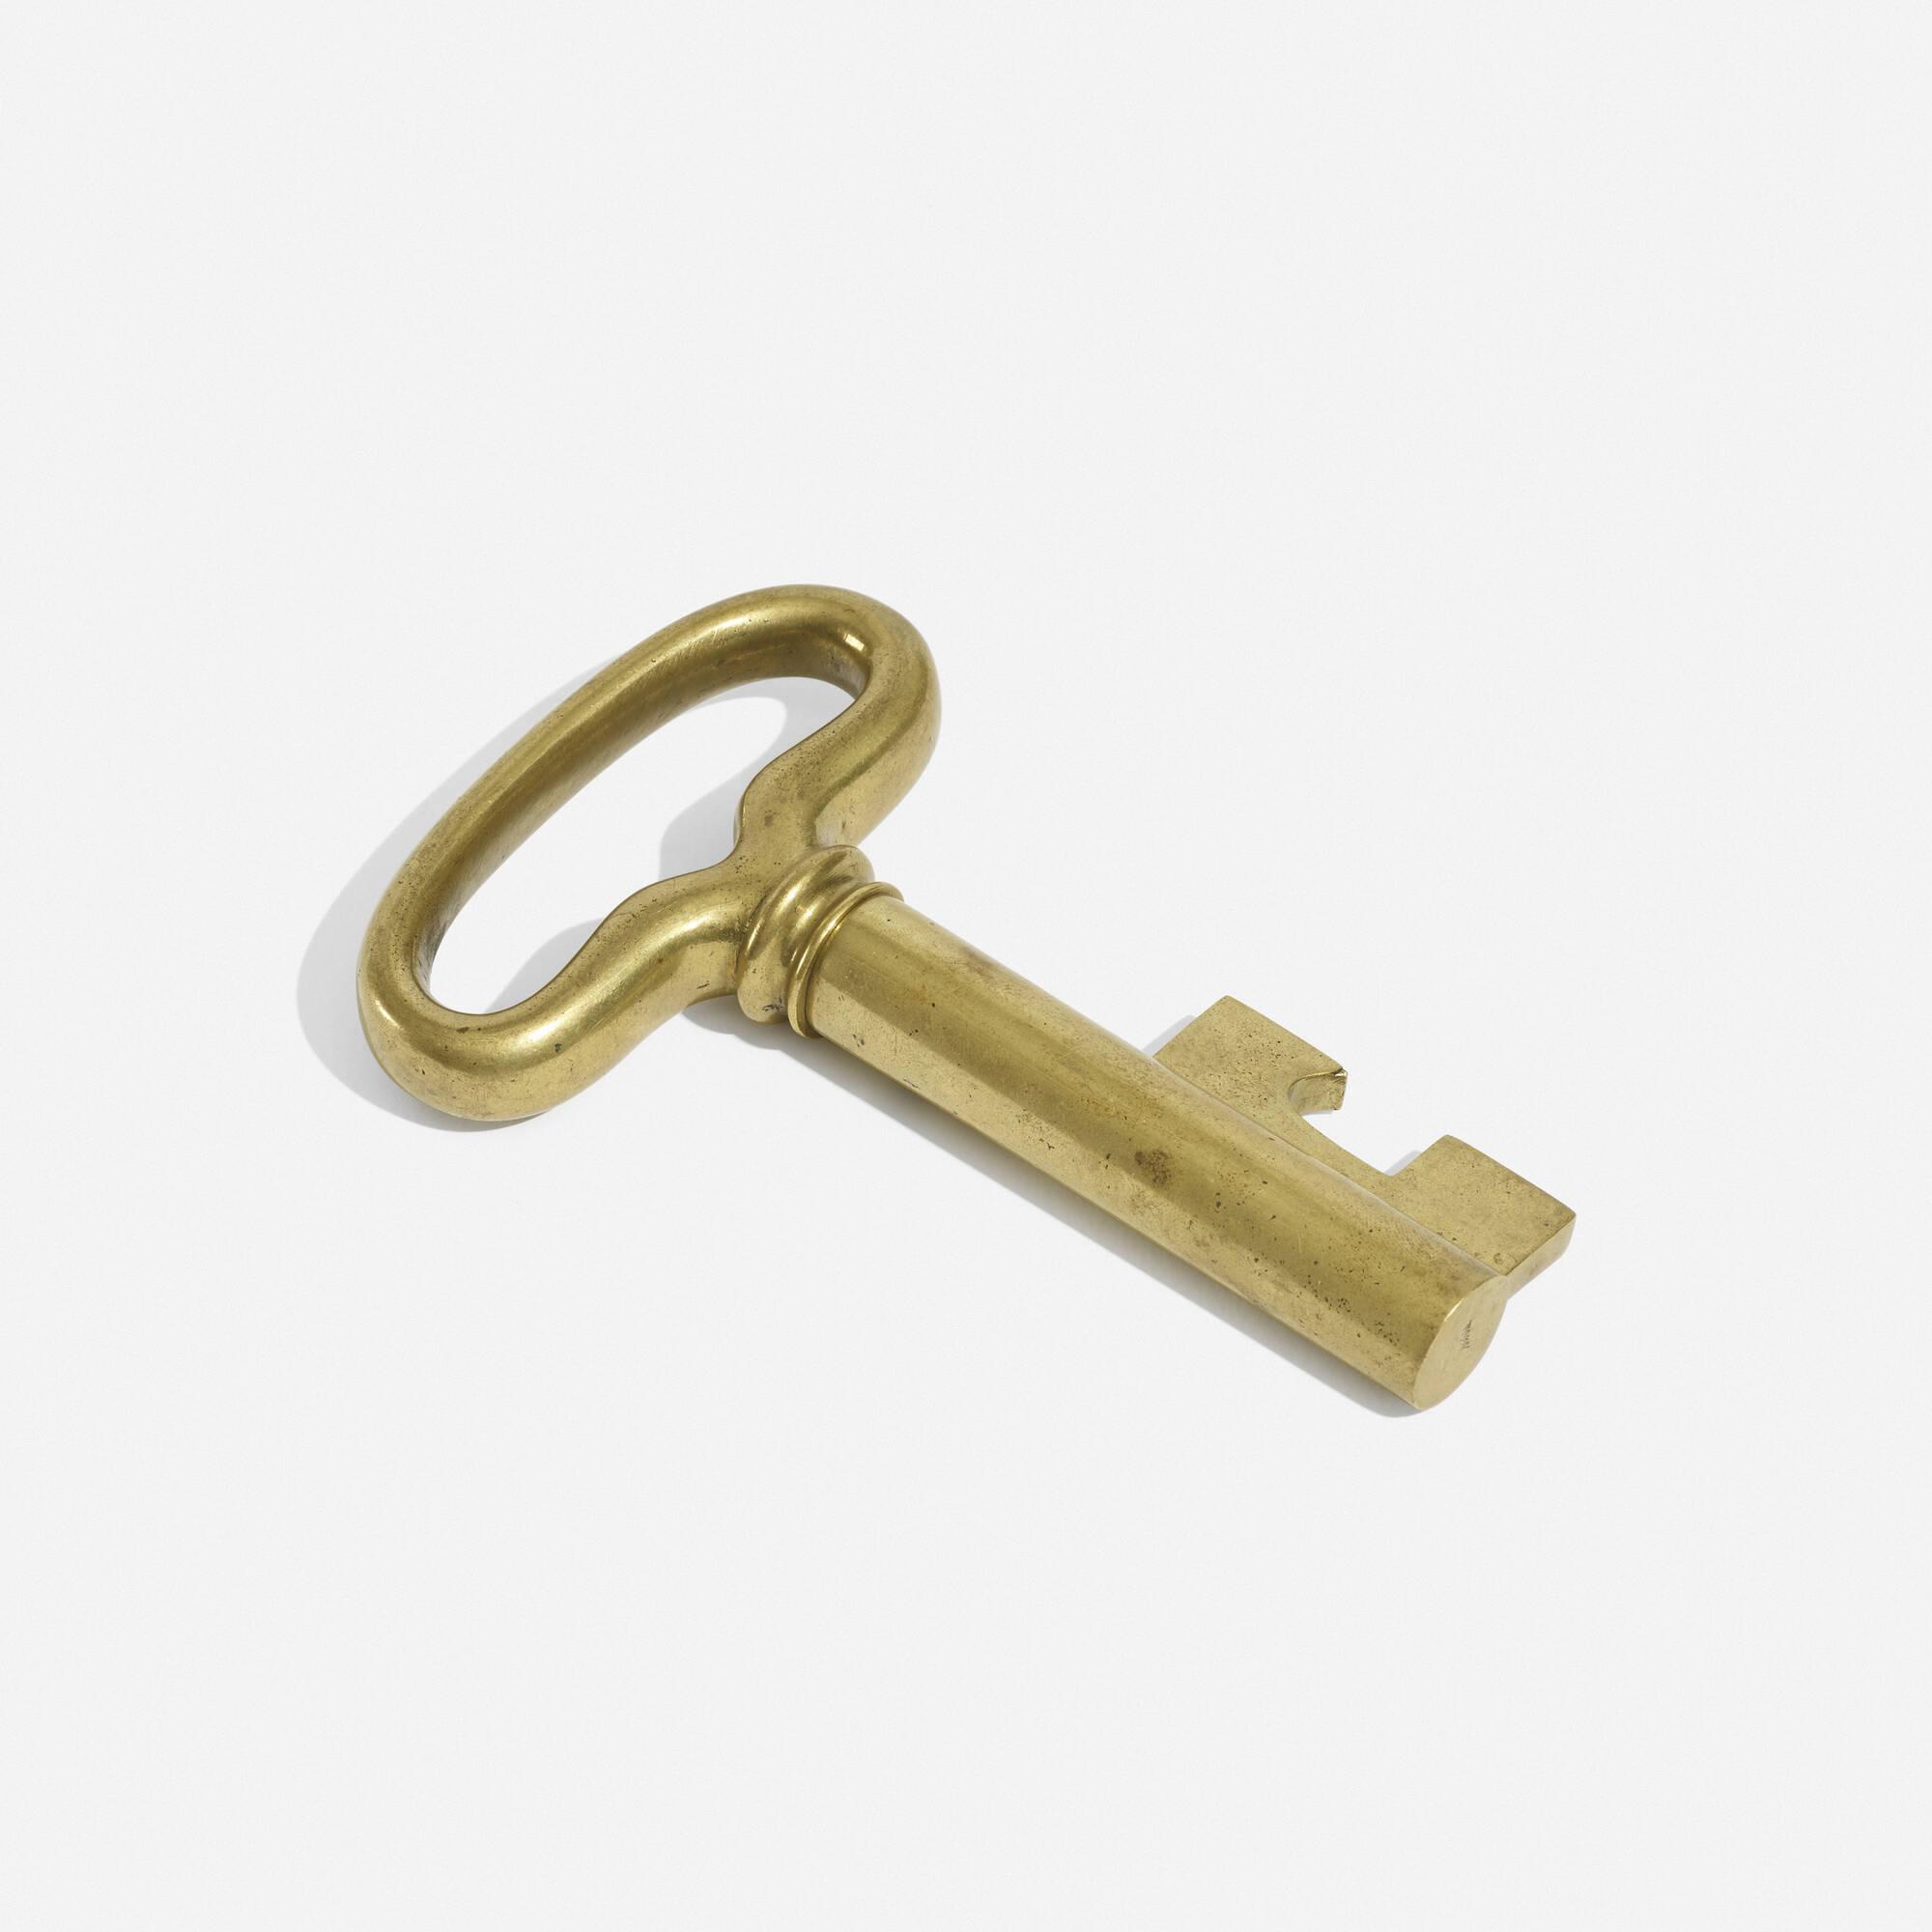 274: Carl Auböck II / corkscrew (1 of 3)